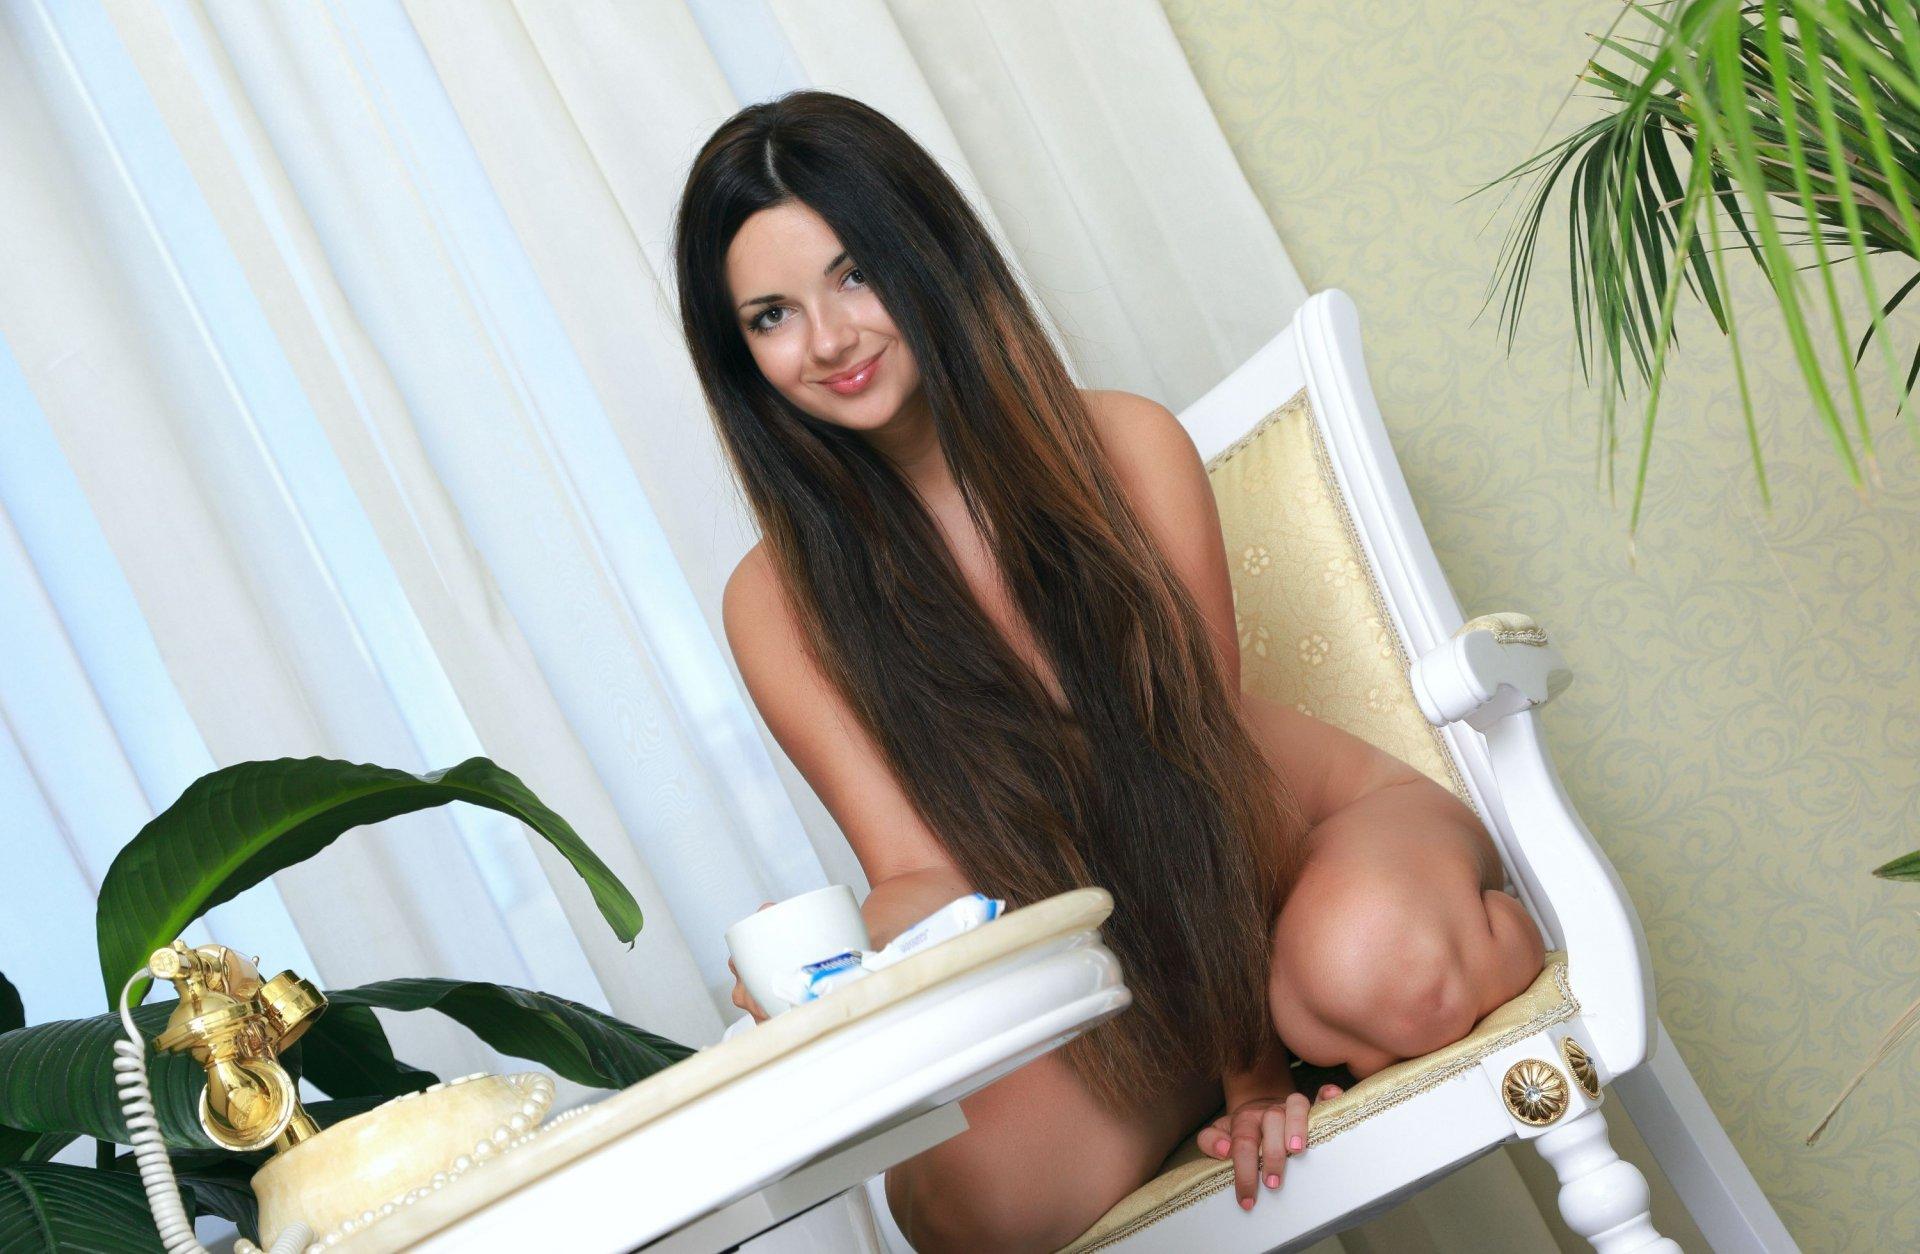 Эротические фотки красивых девушек брюнеток с длинными волосами